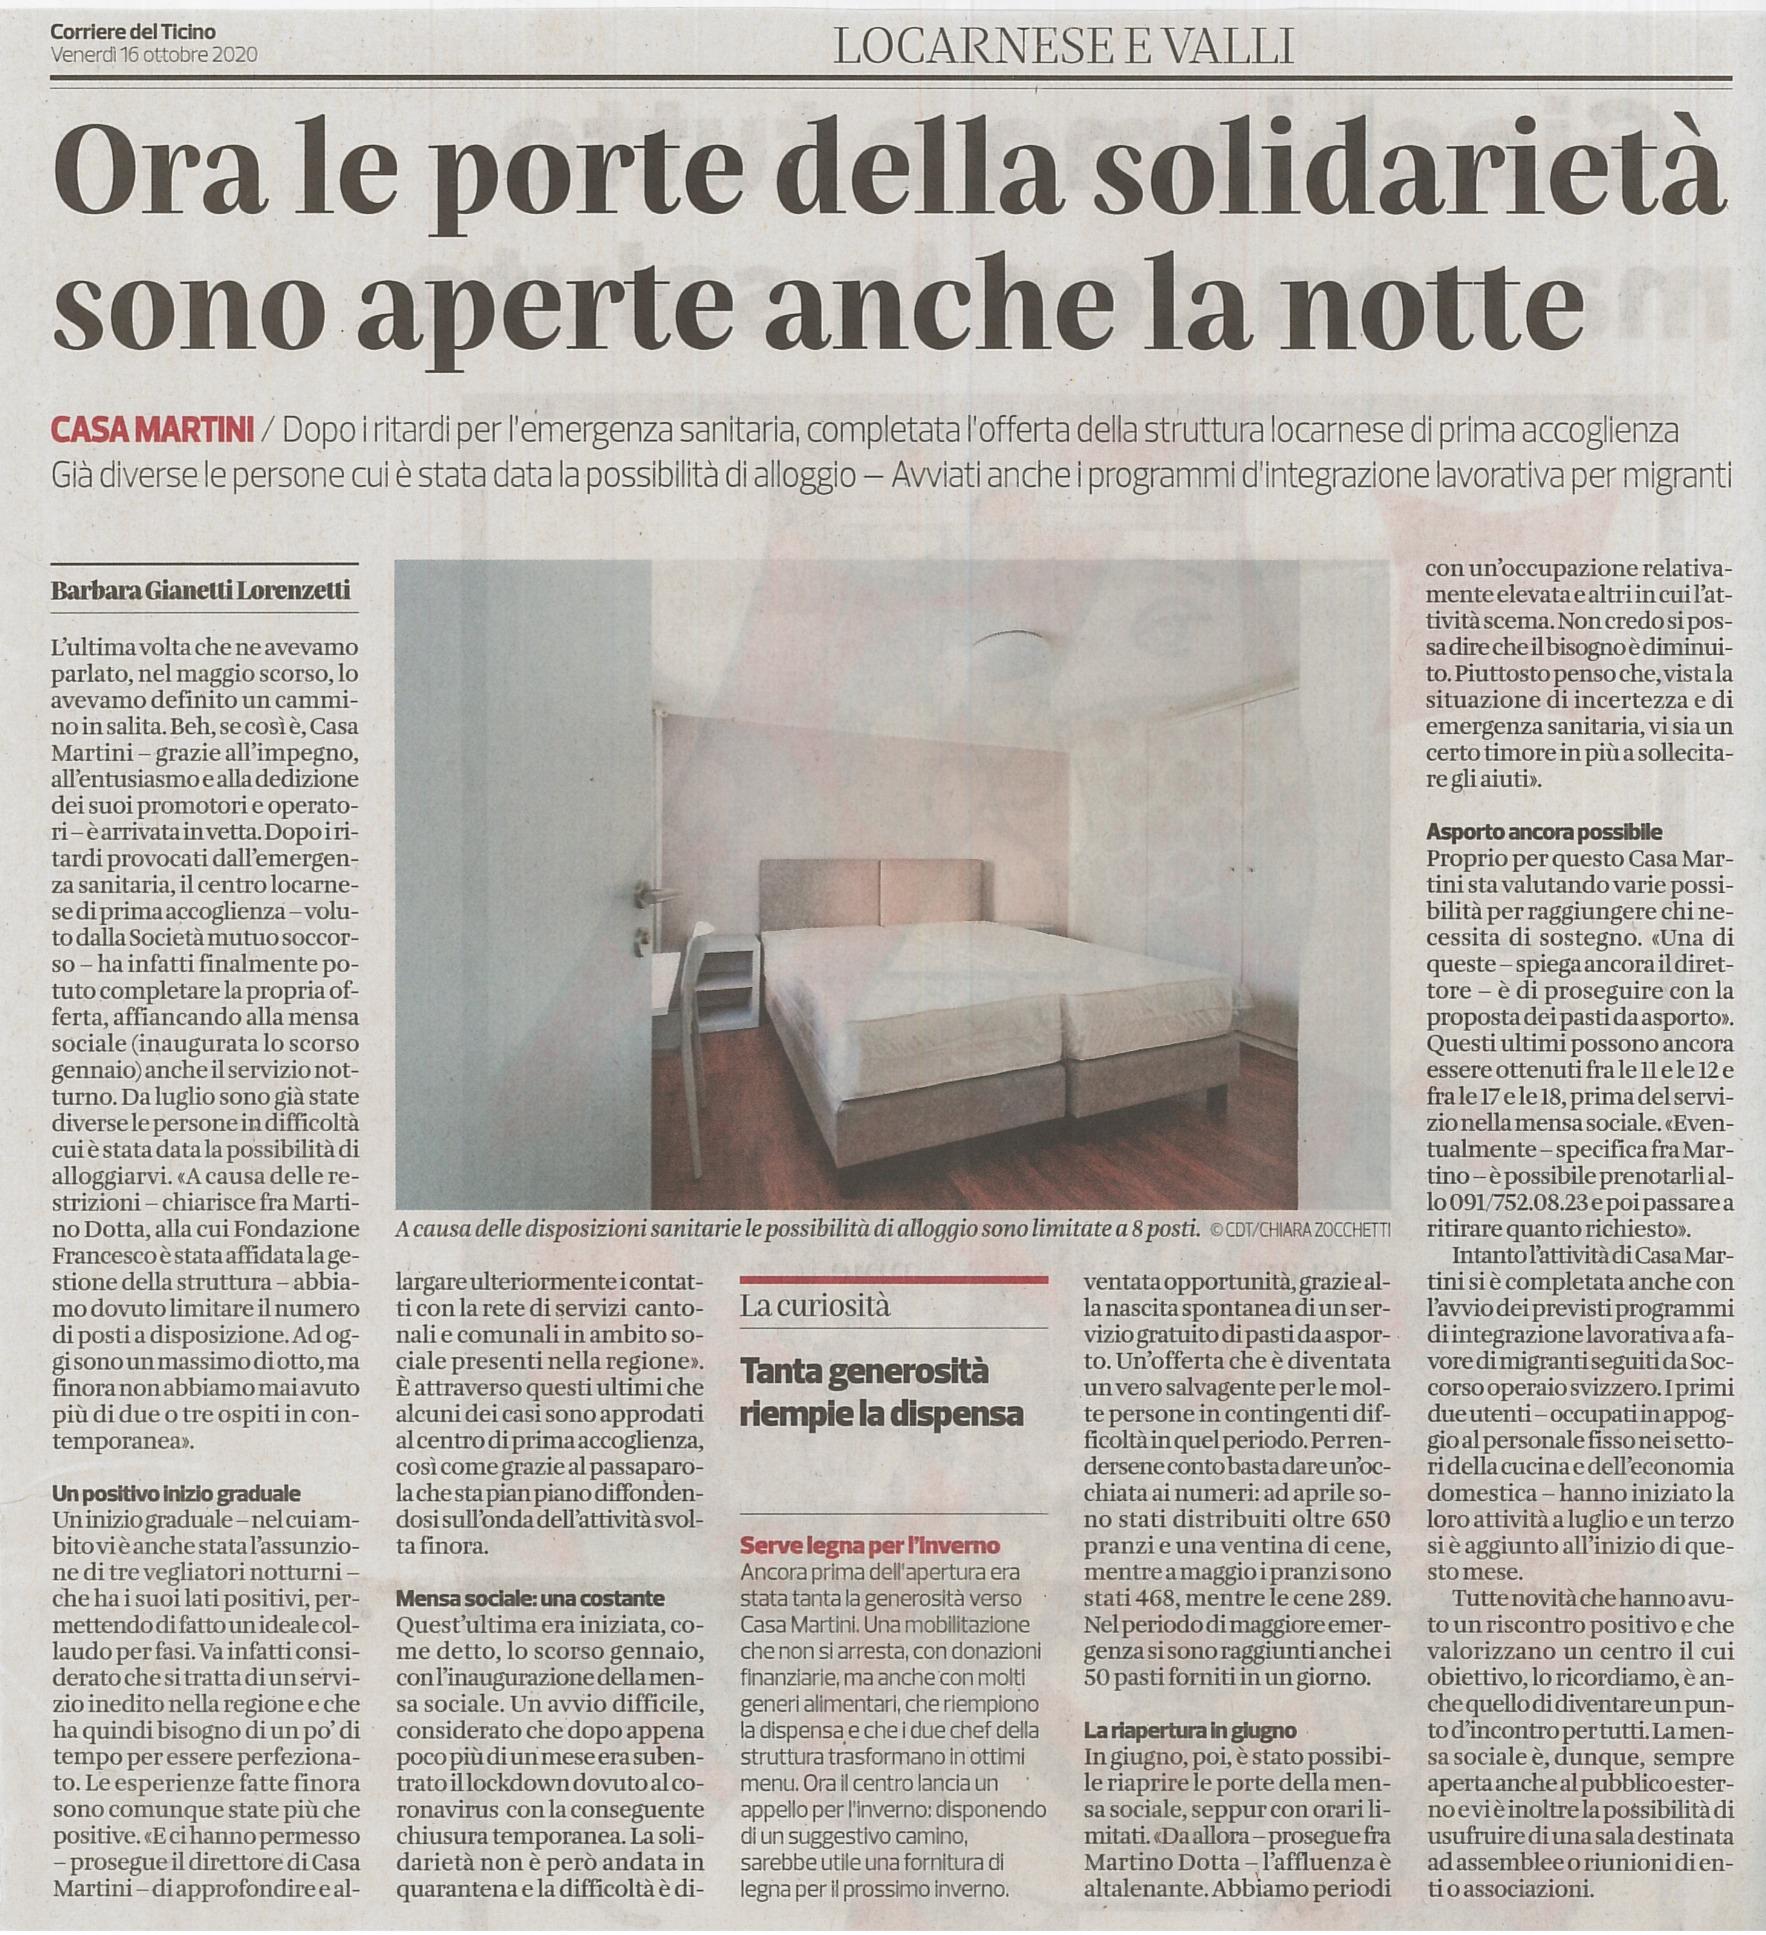 Corriere del Ticino 16.10.2020